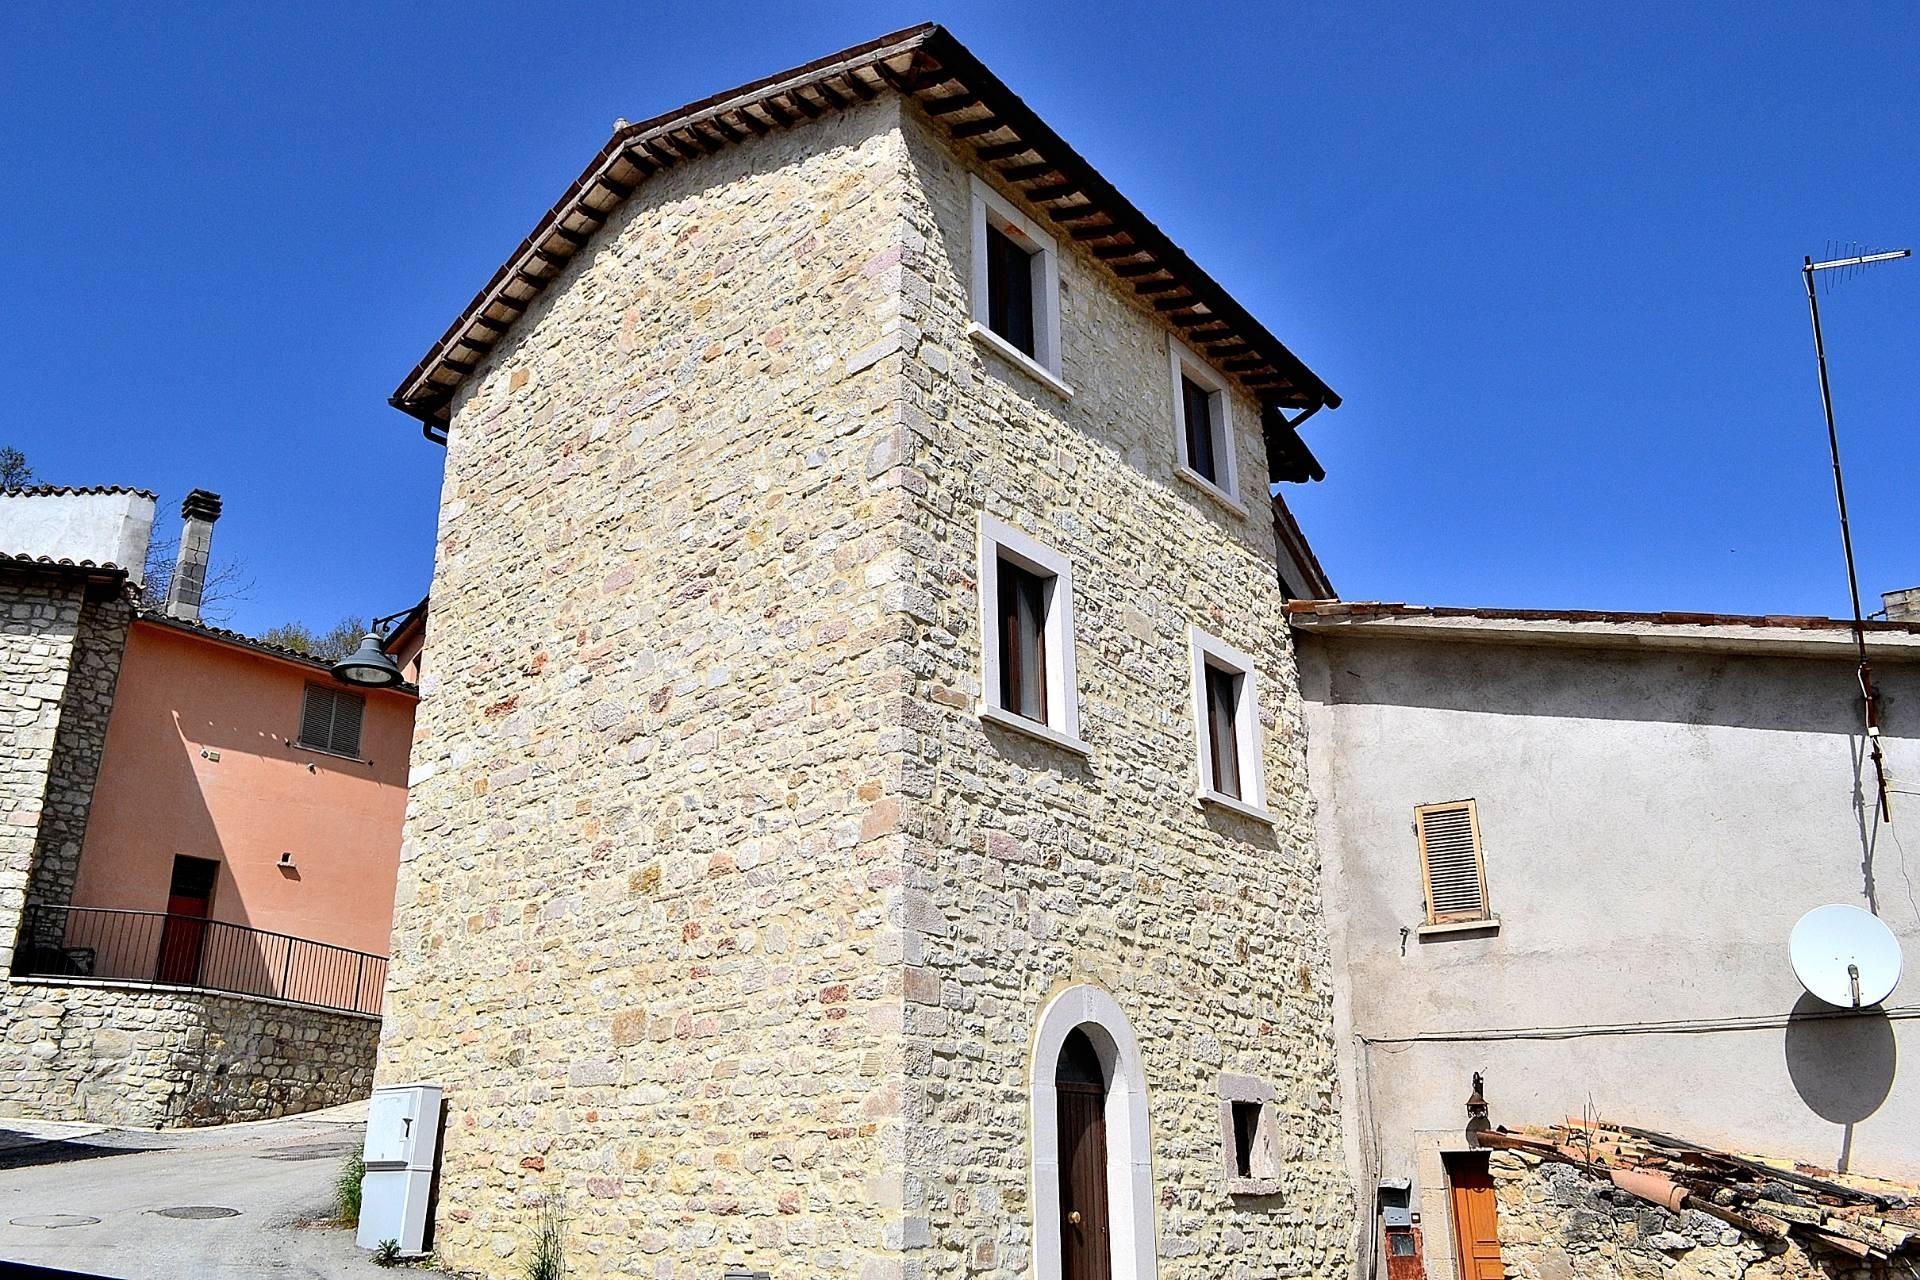 Rustico / Casale in vendita a Visso, 2 locali, zona Zona: Chiusita, prezzo € 18.000 | CambioCasa.it